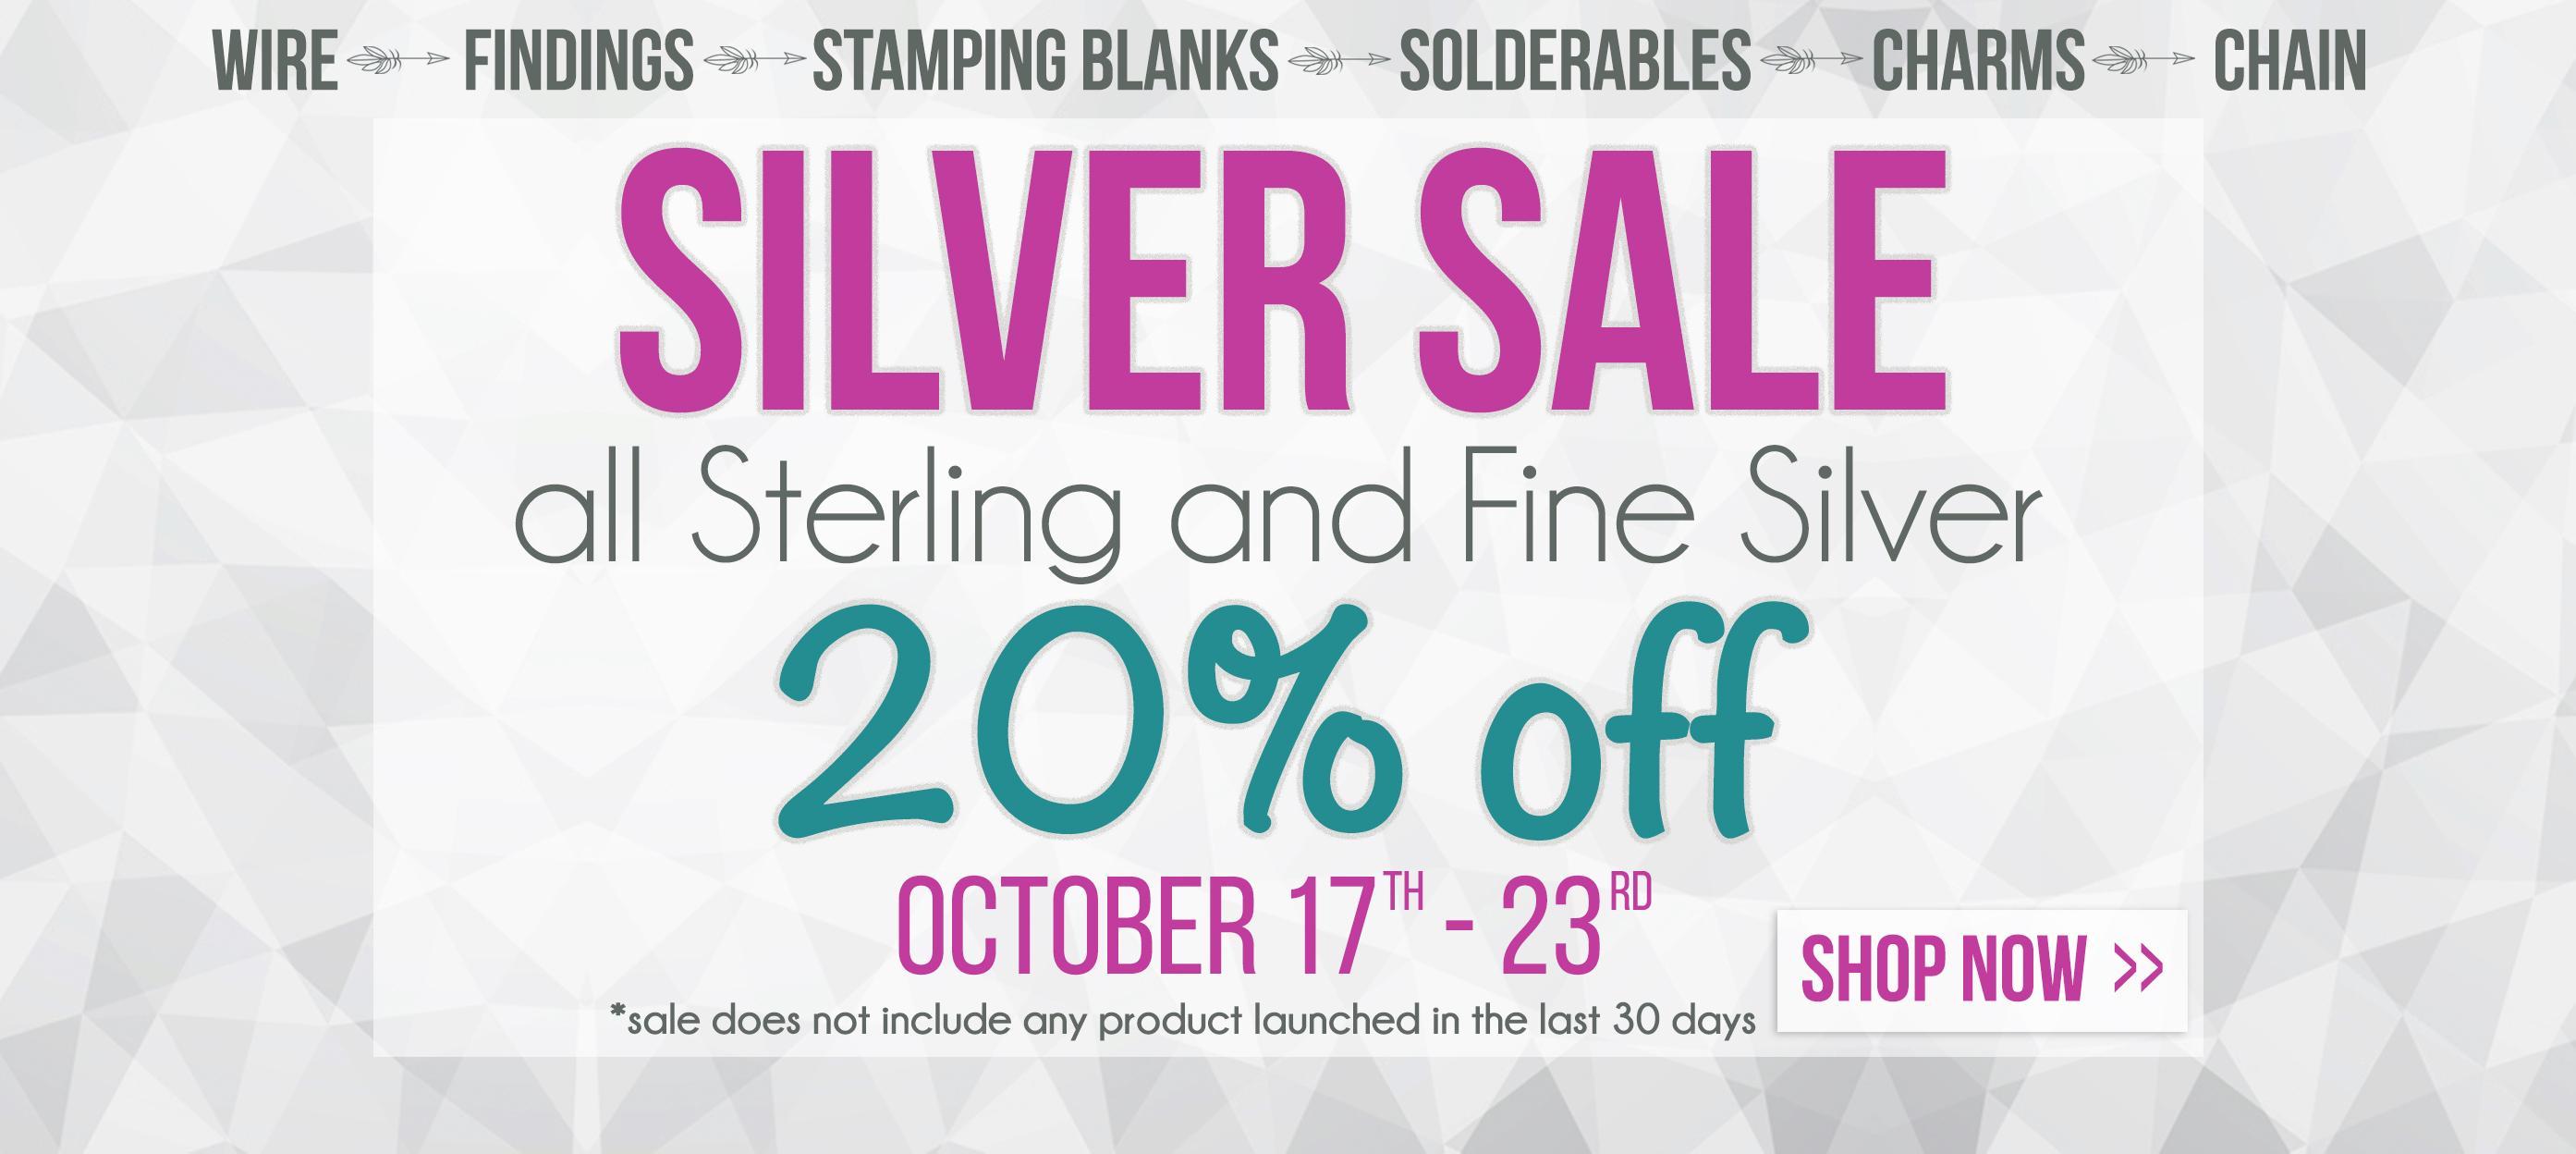 Sterling-sale-10_2017_slate-final